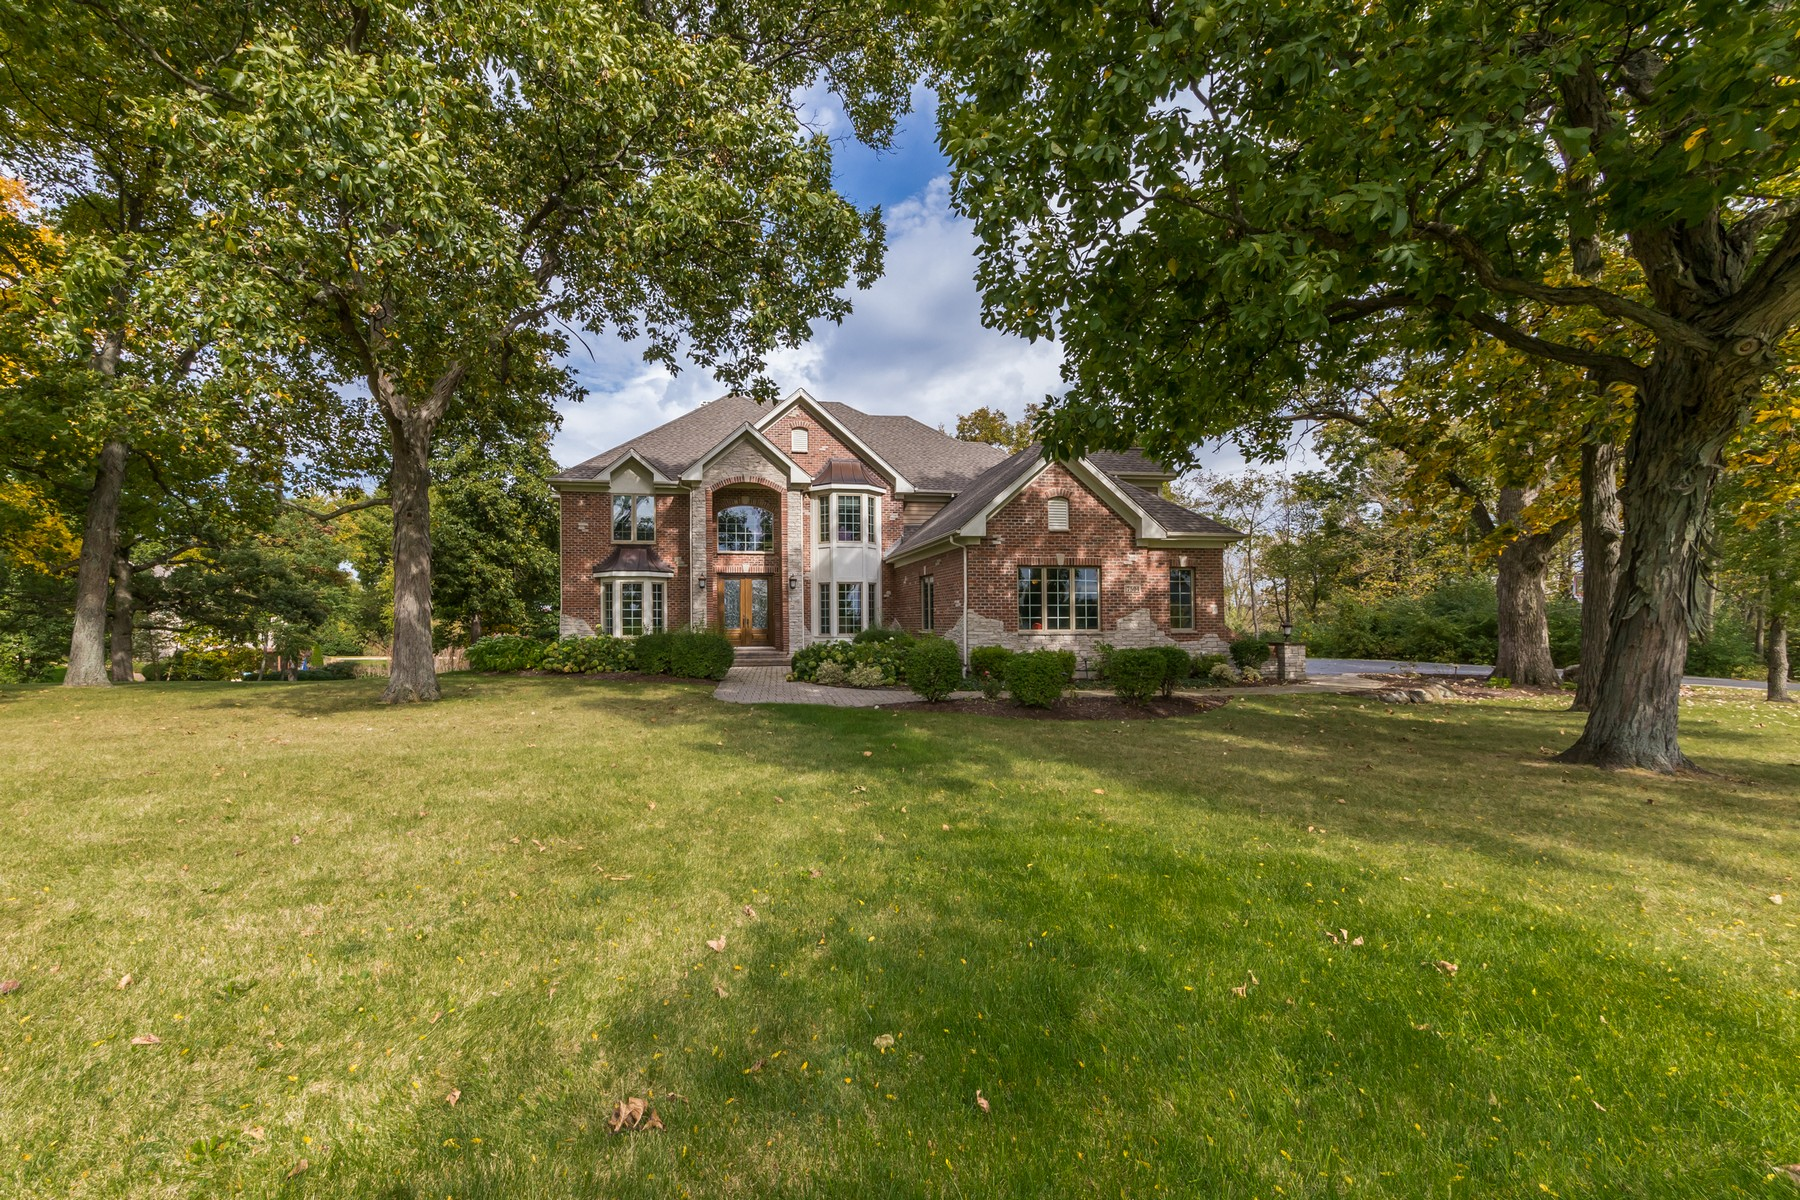 Casa Unifamiliar por un Venta en Magnificent Luxurious Living In Crystal Lake 7504 Vida Avenue Lakewood, Illinois, 60014 Estados Unidos